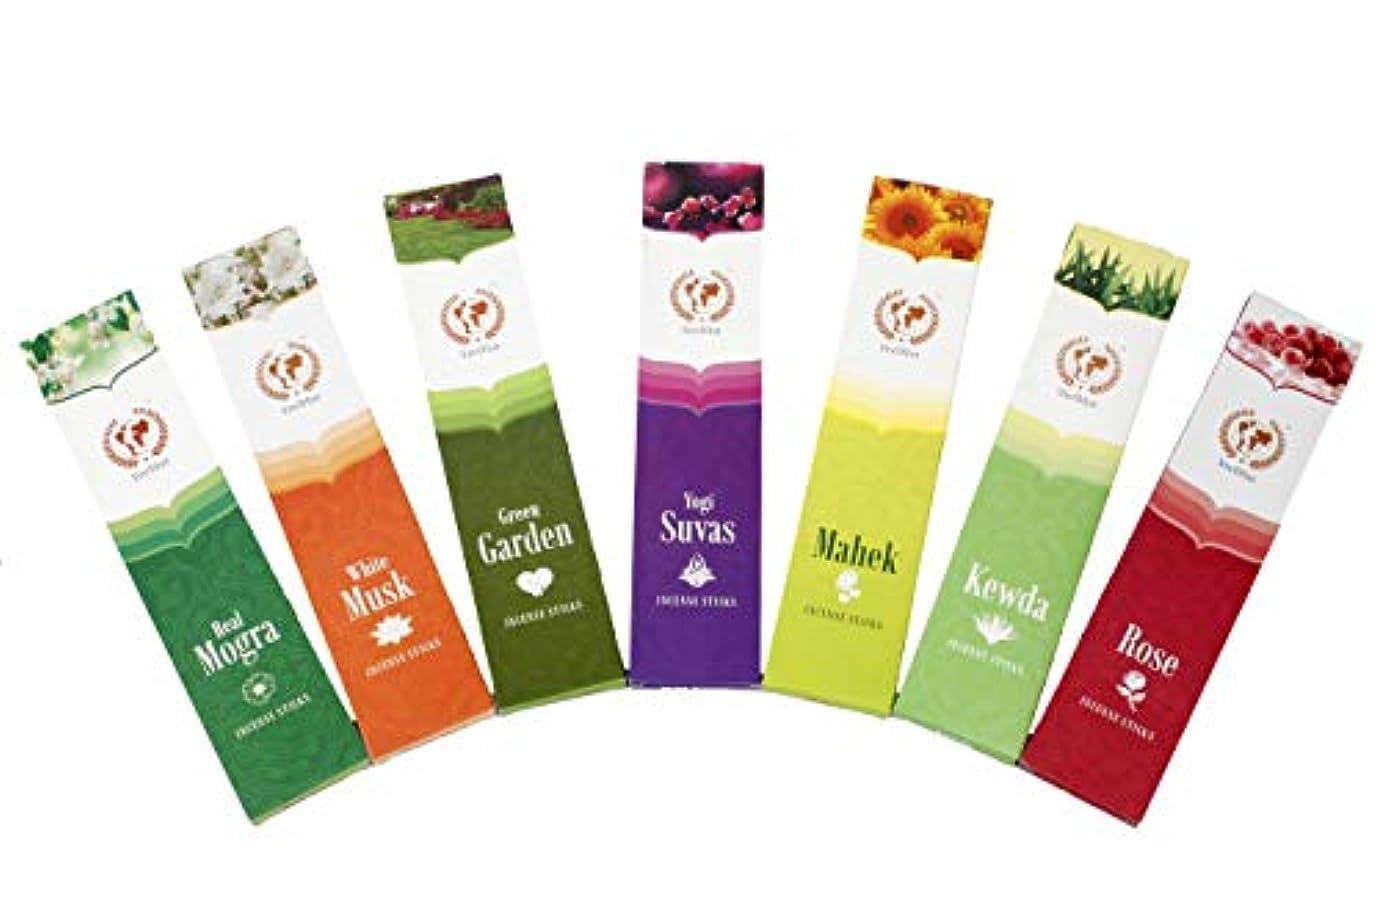 差別ボール祝うVeeDInt Premium Quality Incense Sticks | Real Mogra, White Musk, Green Garden, Yogi Suvas, Mahek, Kewda, Rose, Scented and Colored Pack of 7